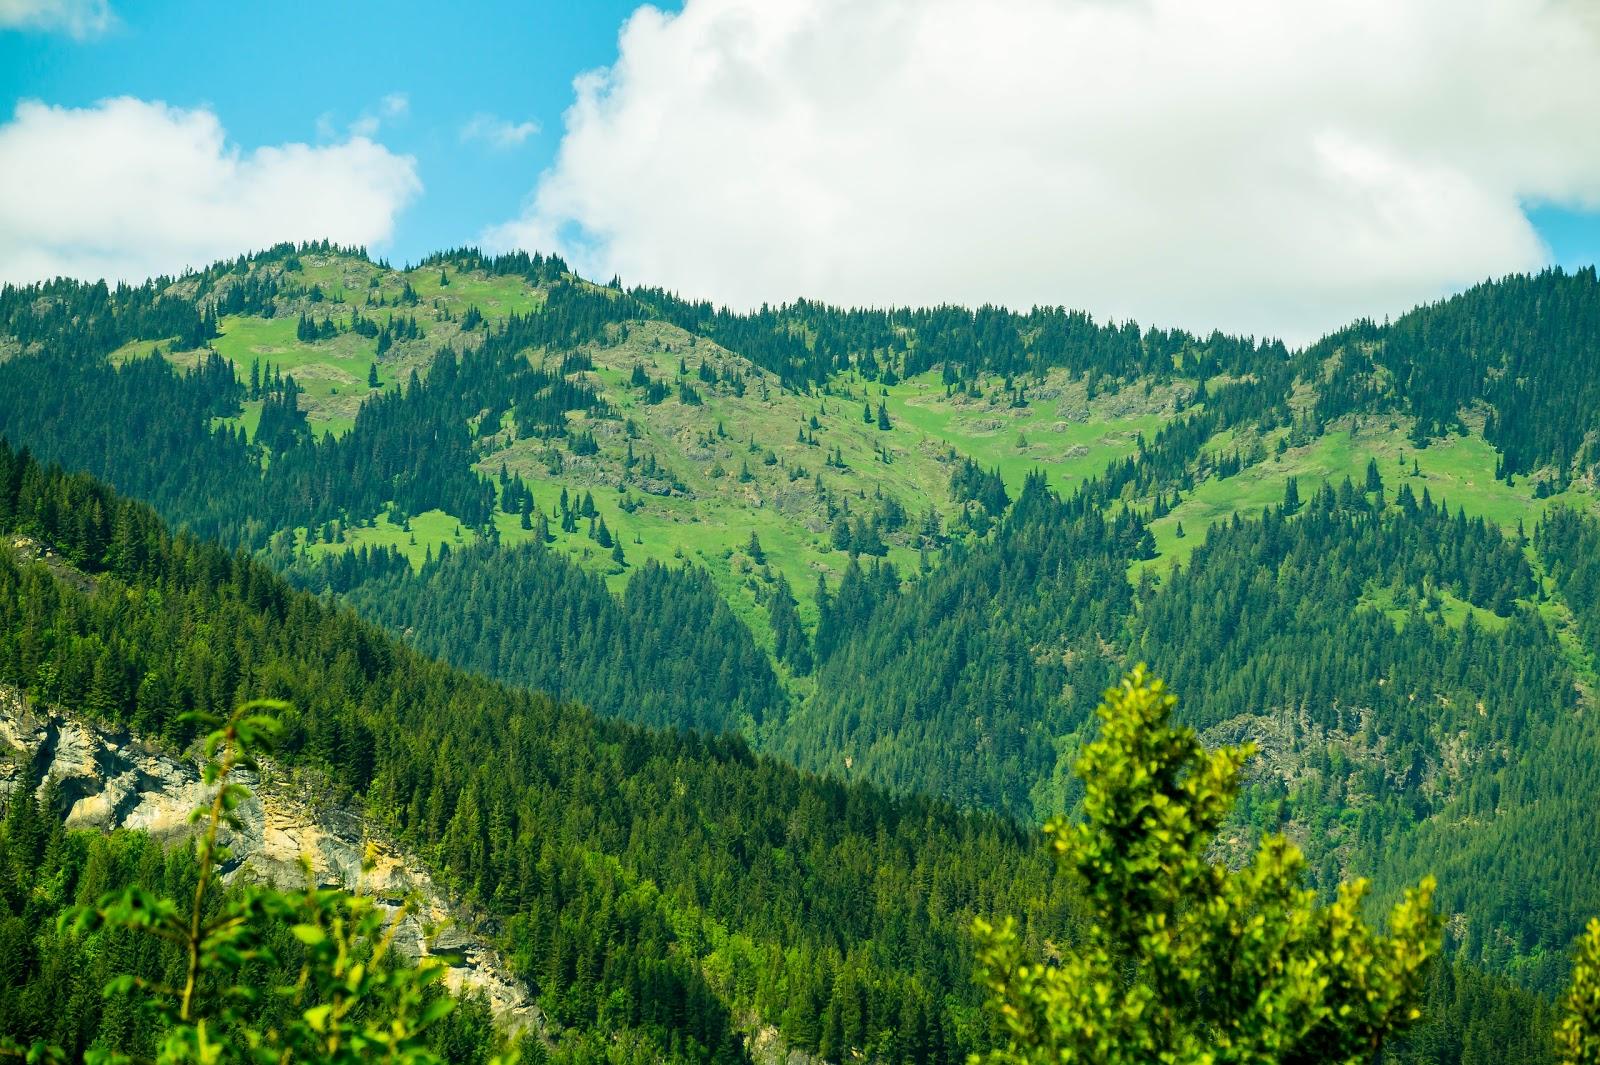 На высоте нескольких сотен метров раскинулись самые настоящие альпийские луга.